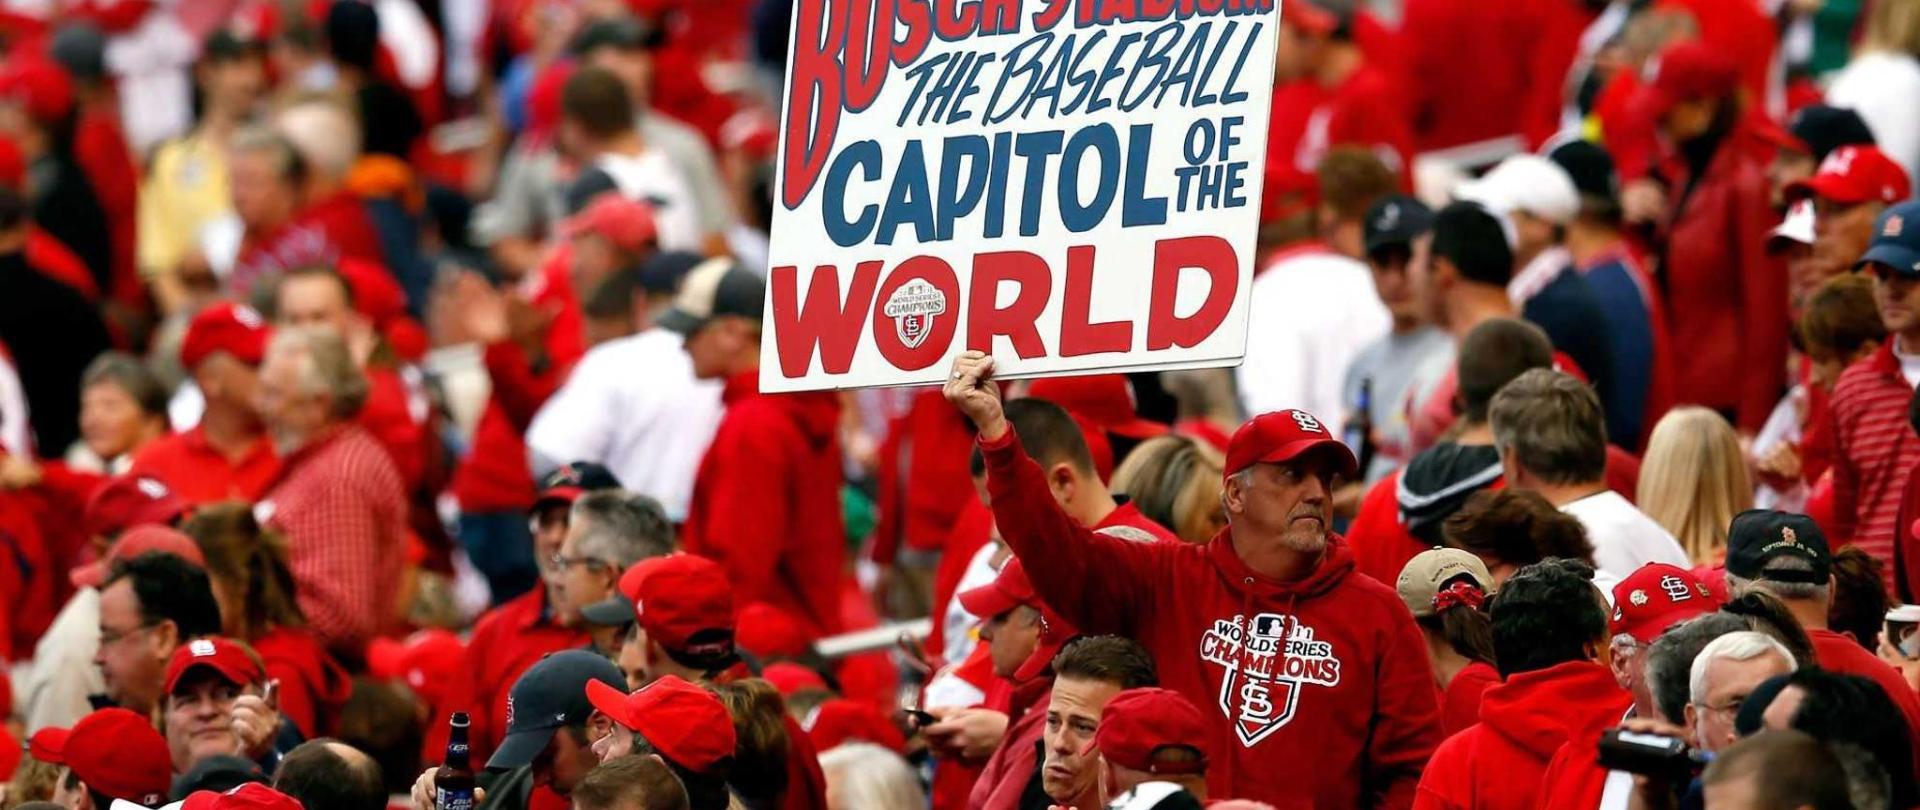 st_louis_cardinals_fans_23bnne8z_s9dcey67.jpg